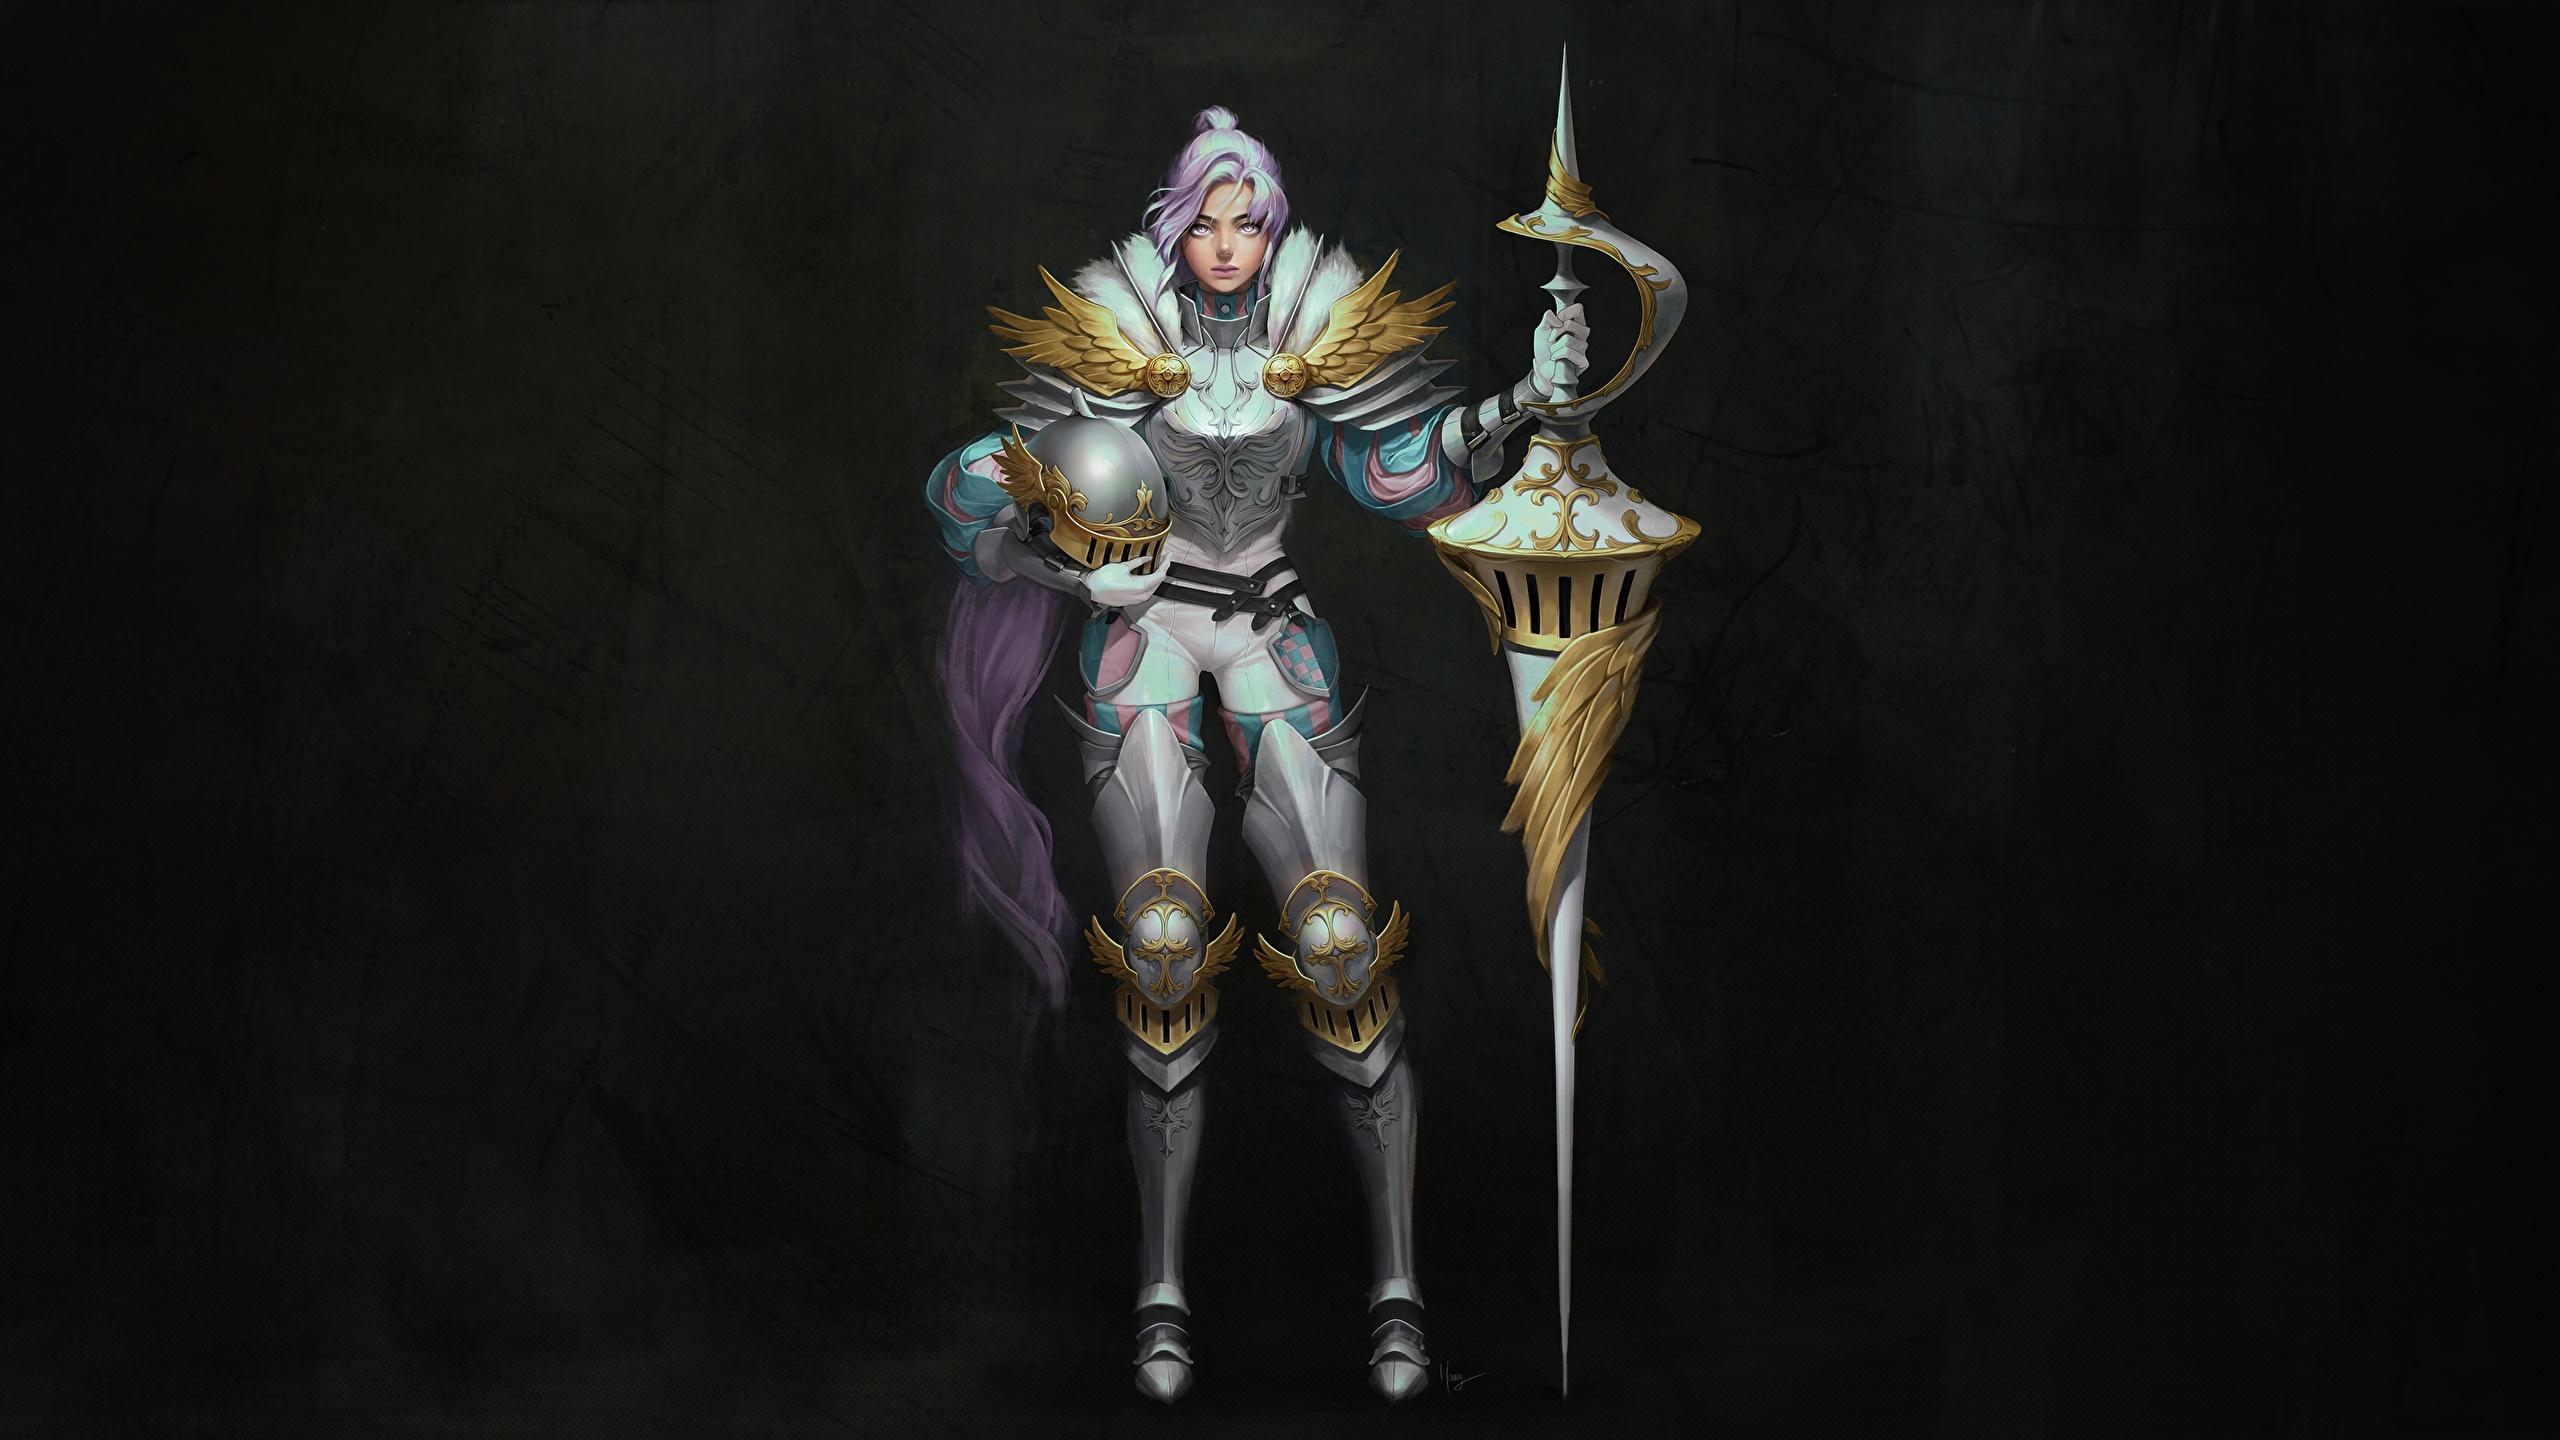 Картинки Рыцарь с копьем воин Шлем Harang • Knight spears Девушки Фантастика 2560x1440 Копья воины шлема в шлеме Воители Фэнтези девушка молодая женщина молодые женщины